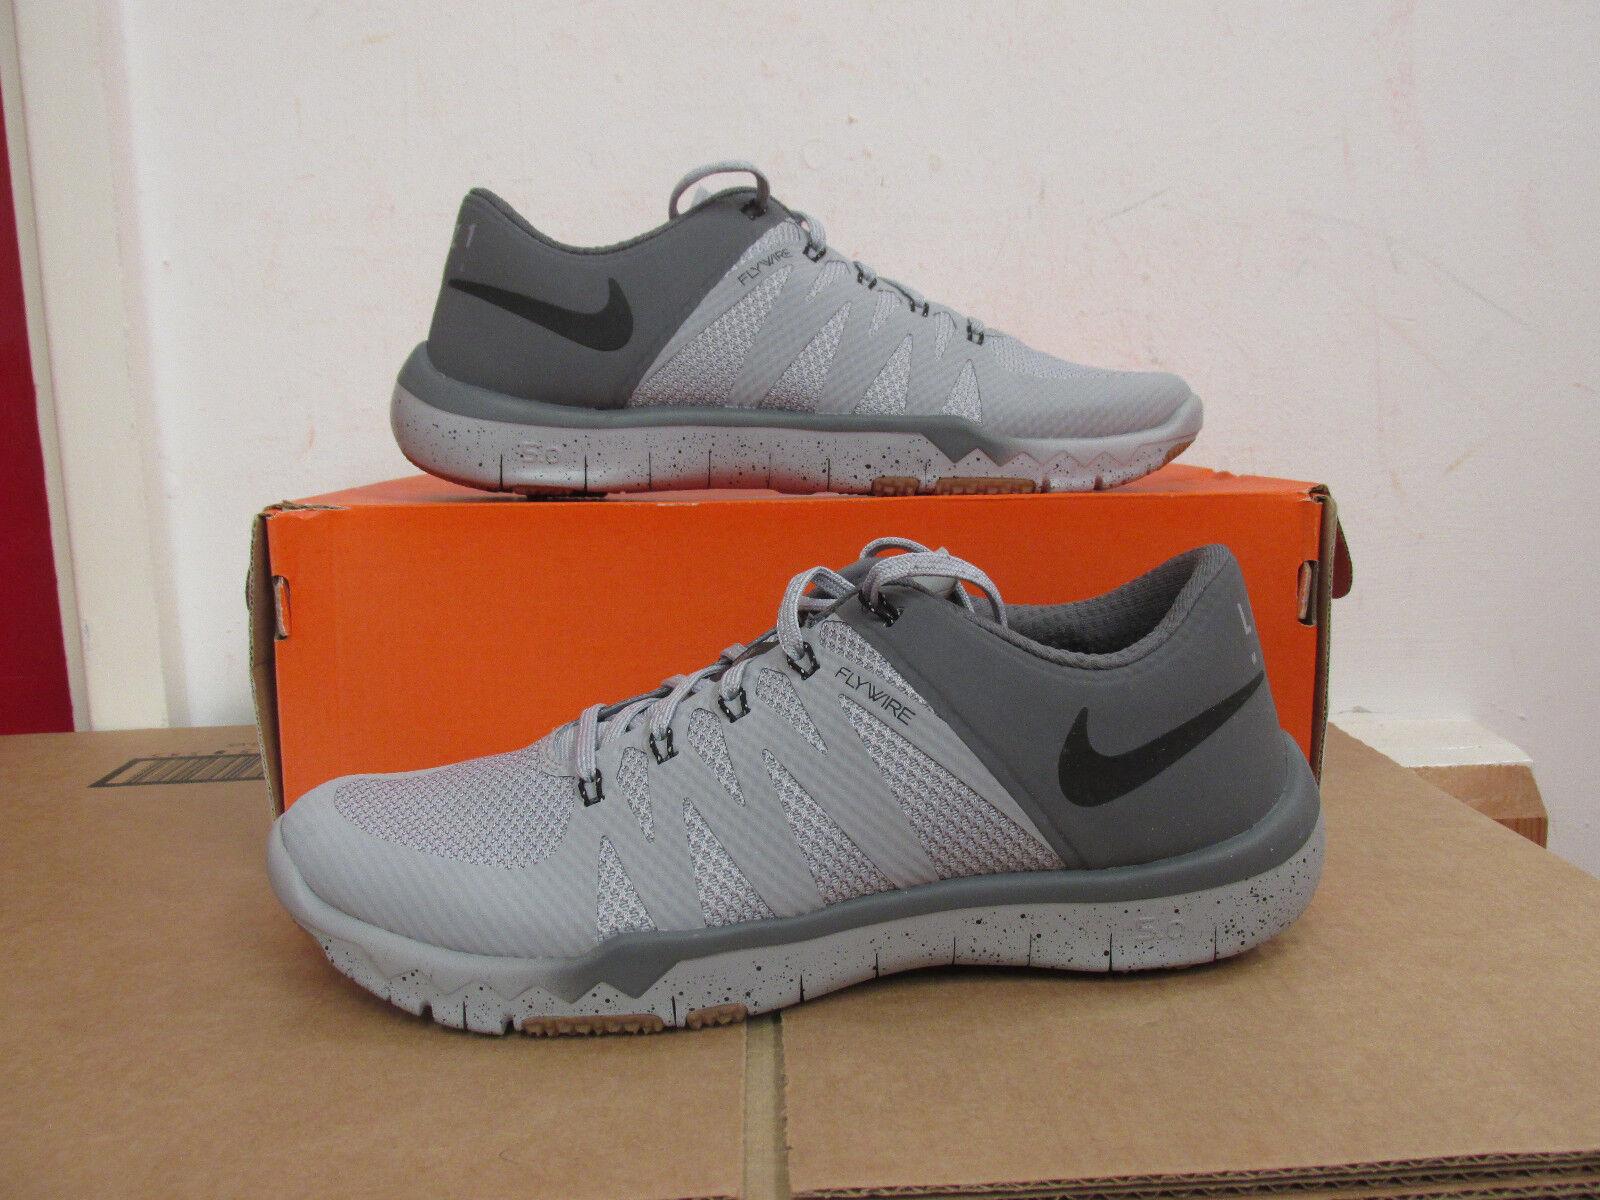 Nike Lab Gratuit Tr 5.0 5.0 5.0 V6 Chaussure de Course pour Homme 799457 001 Baskets 4cff20